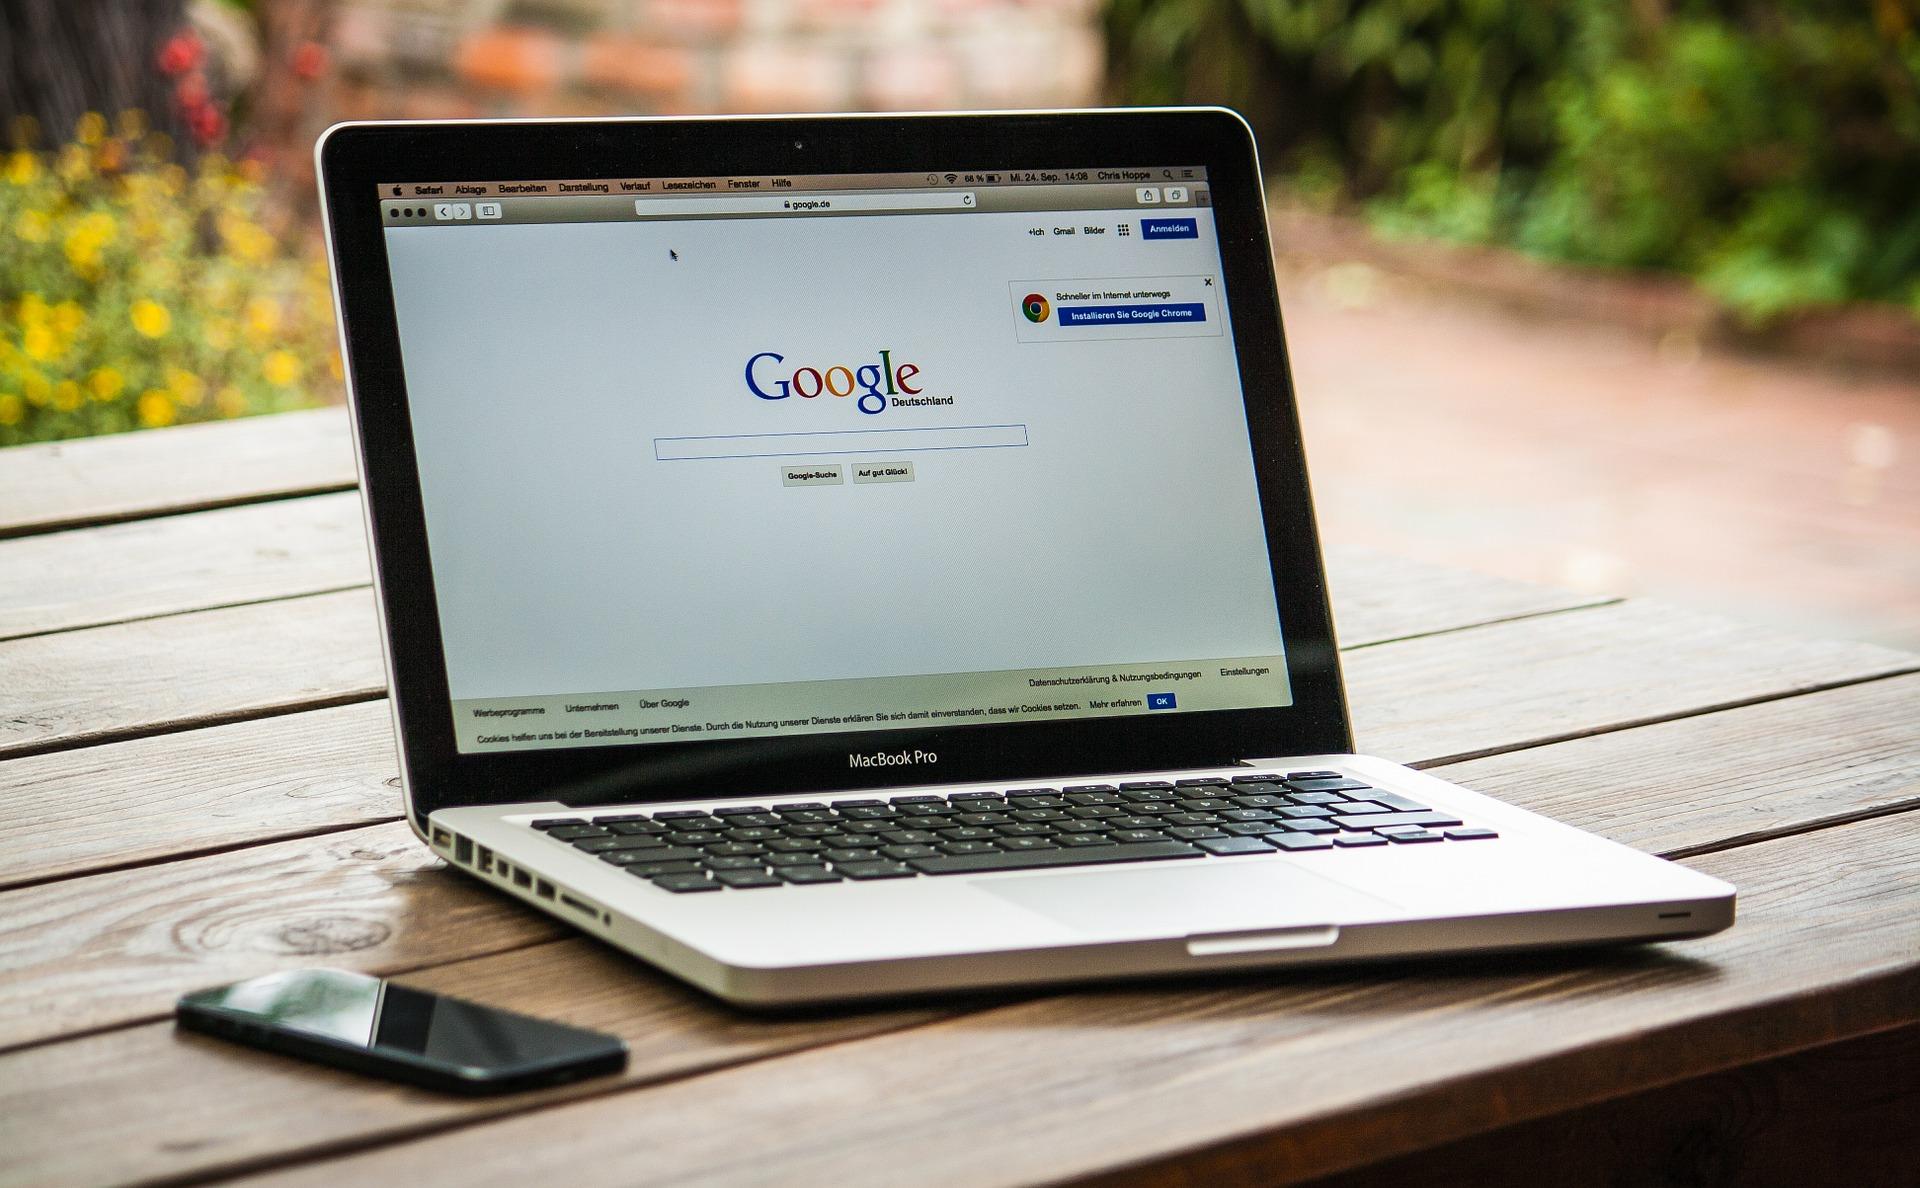 Pozycjonowanie stron internetowych w wyszukiwarkach